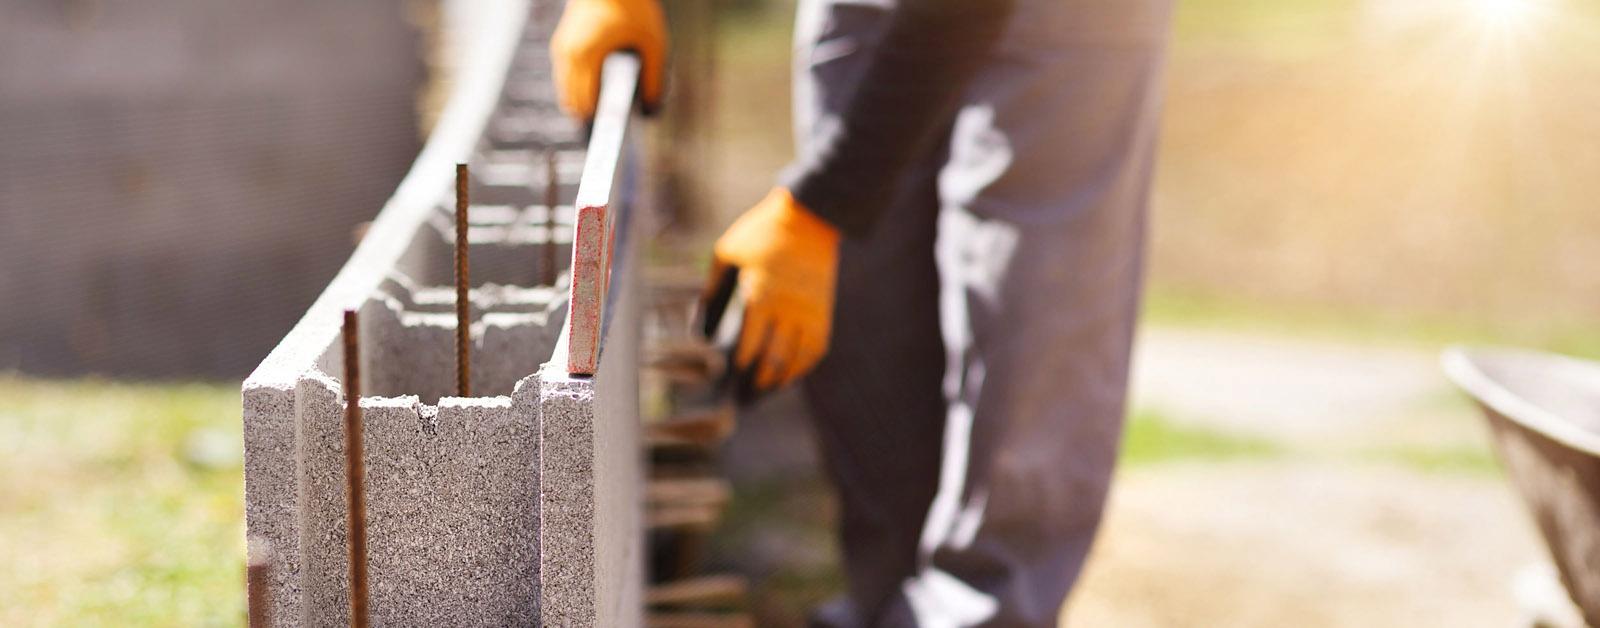 Durchführung aller Arten von Maurer-, Beton- und utzarbeiten